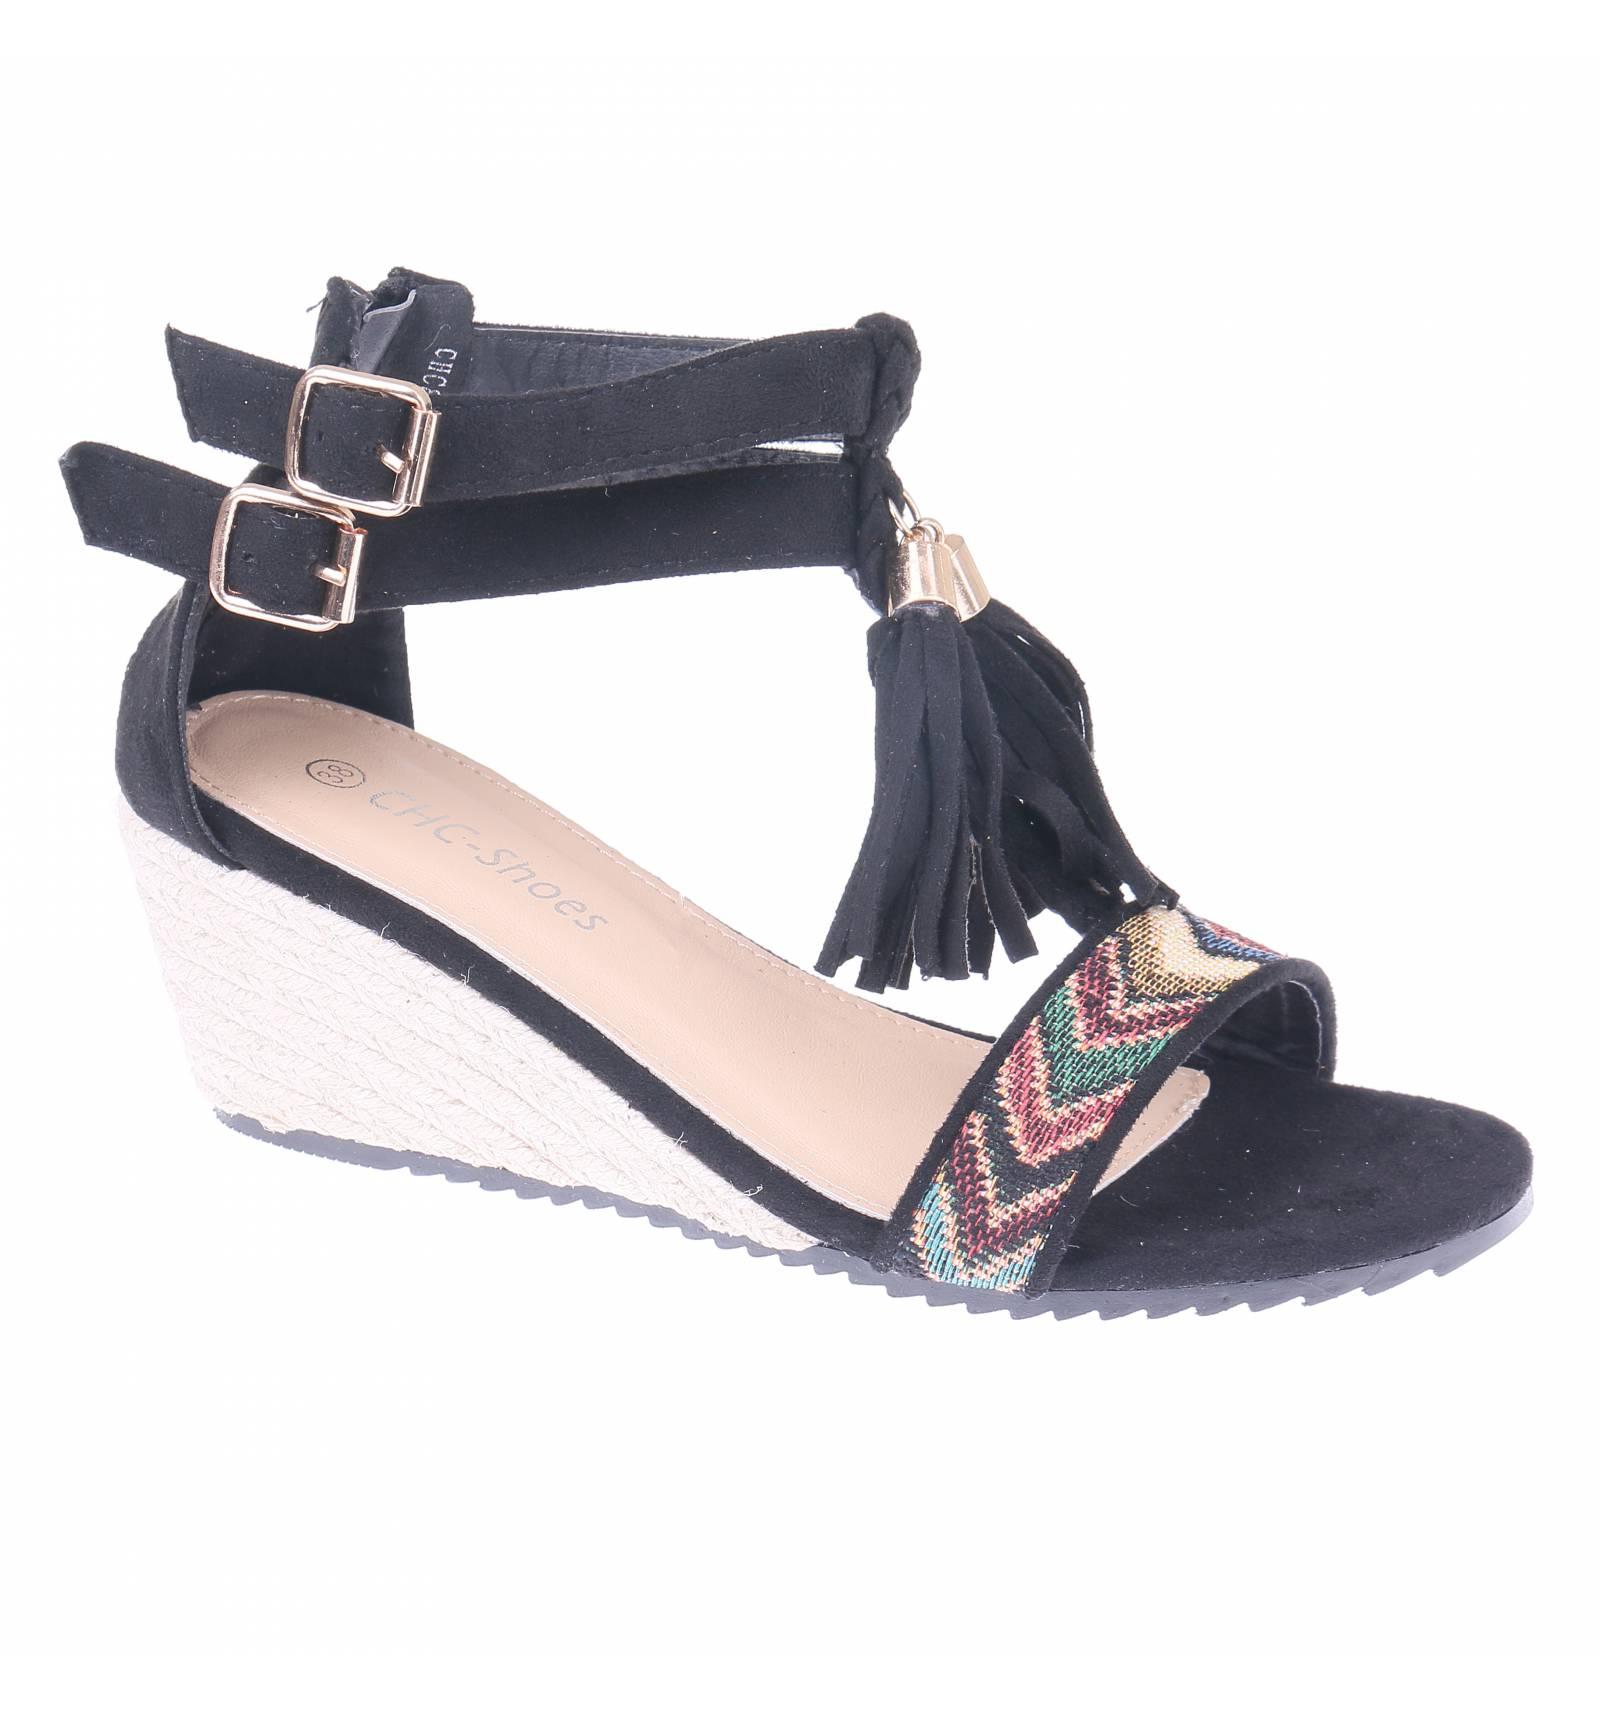 Sandale femme daim